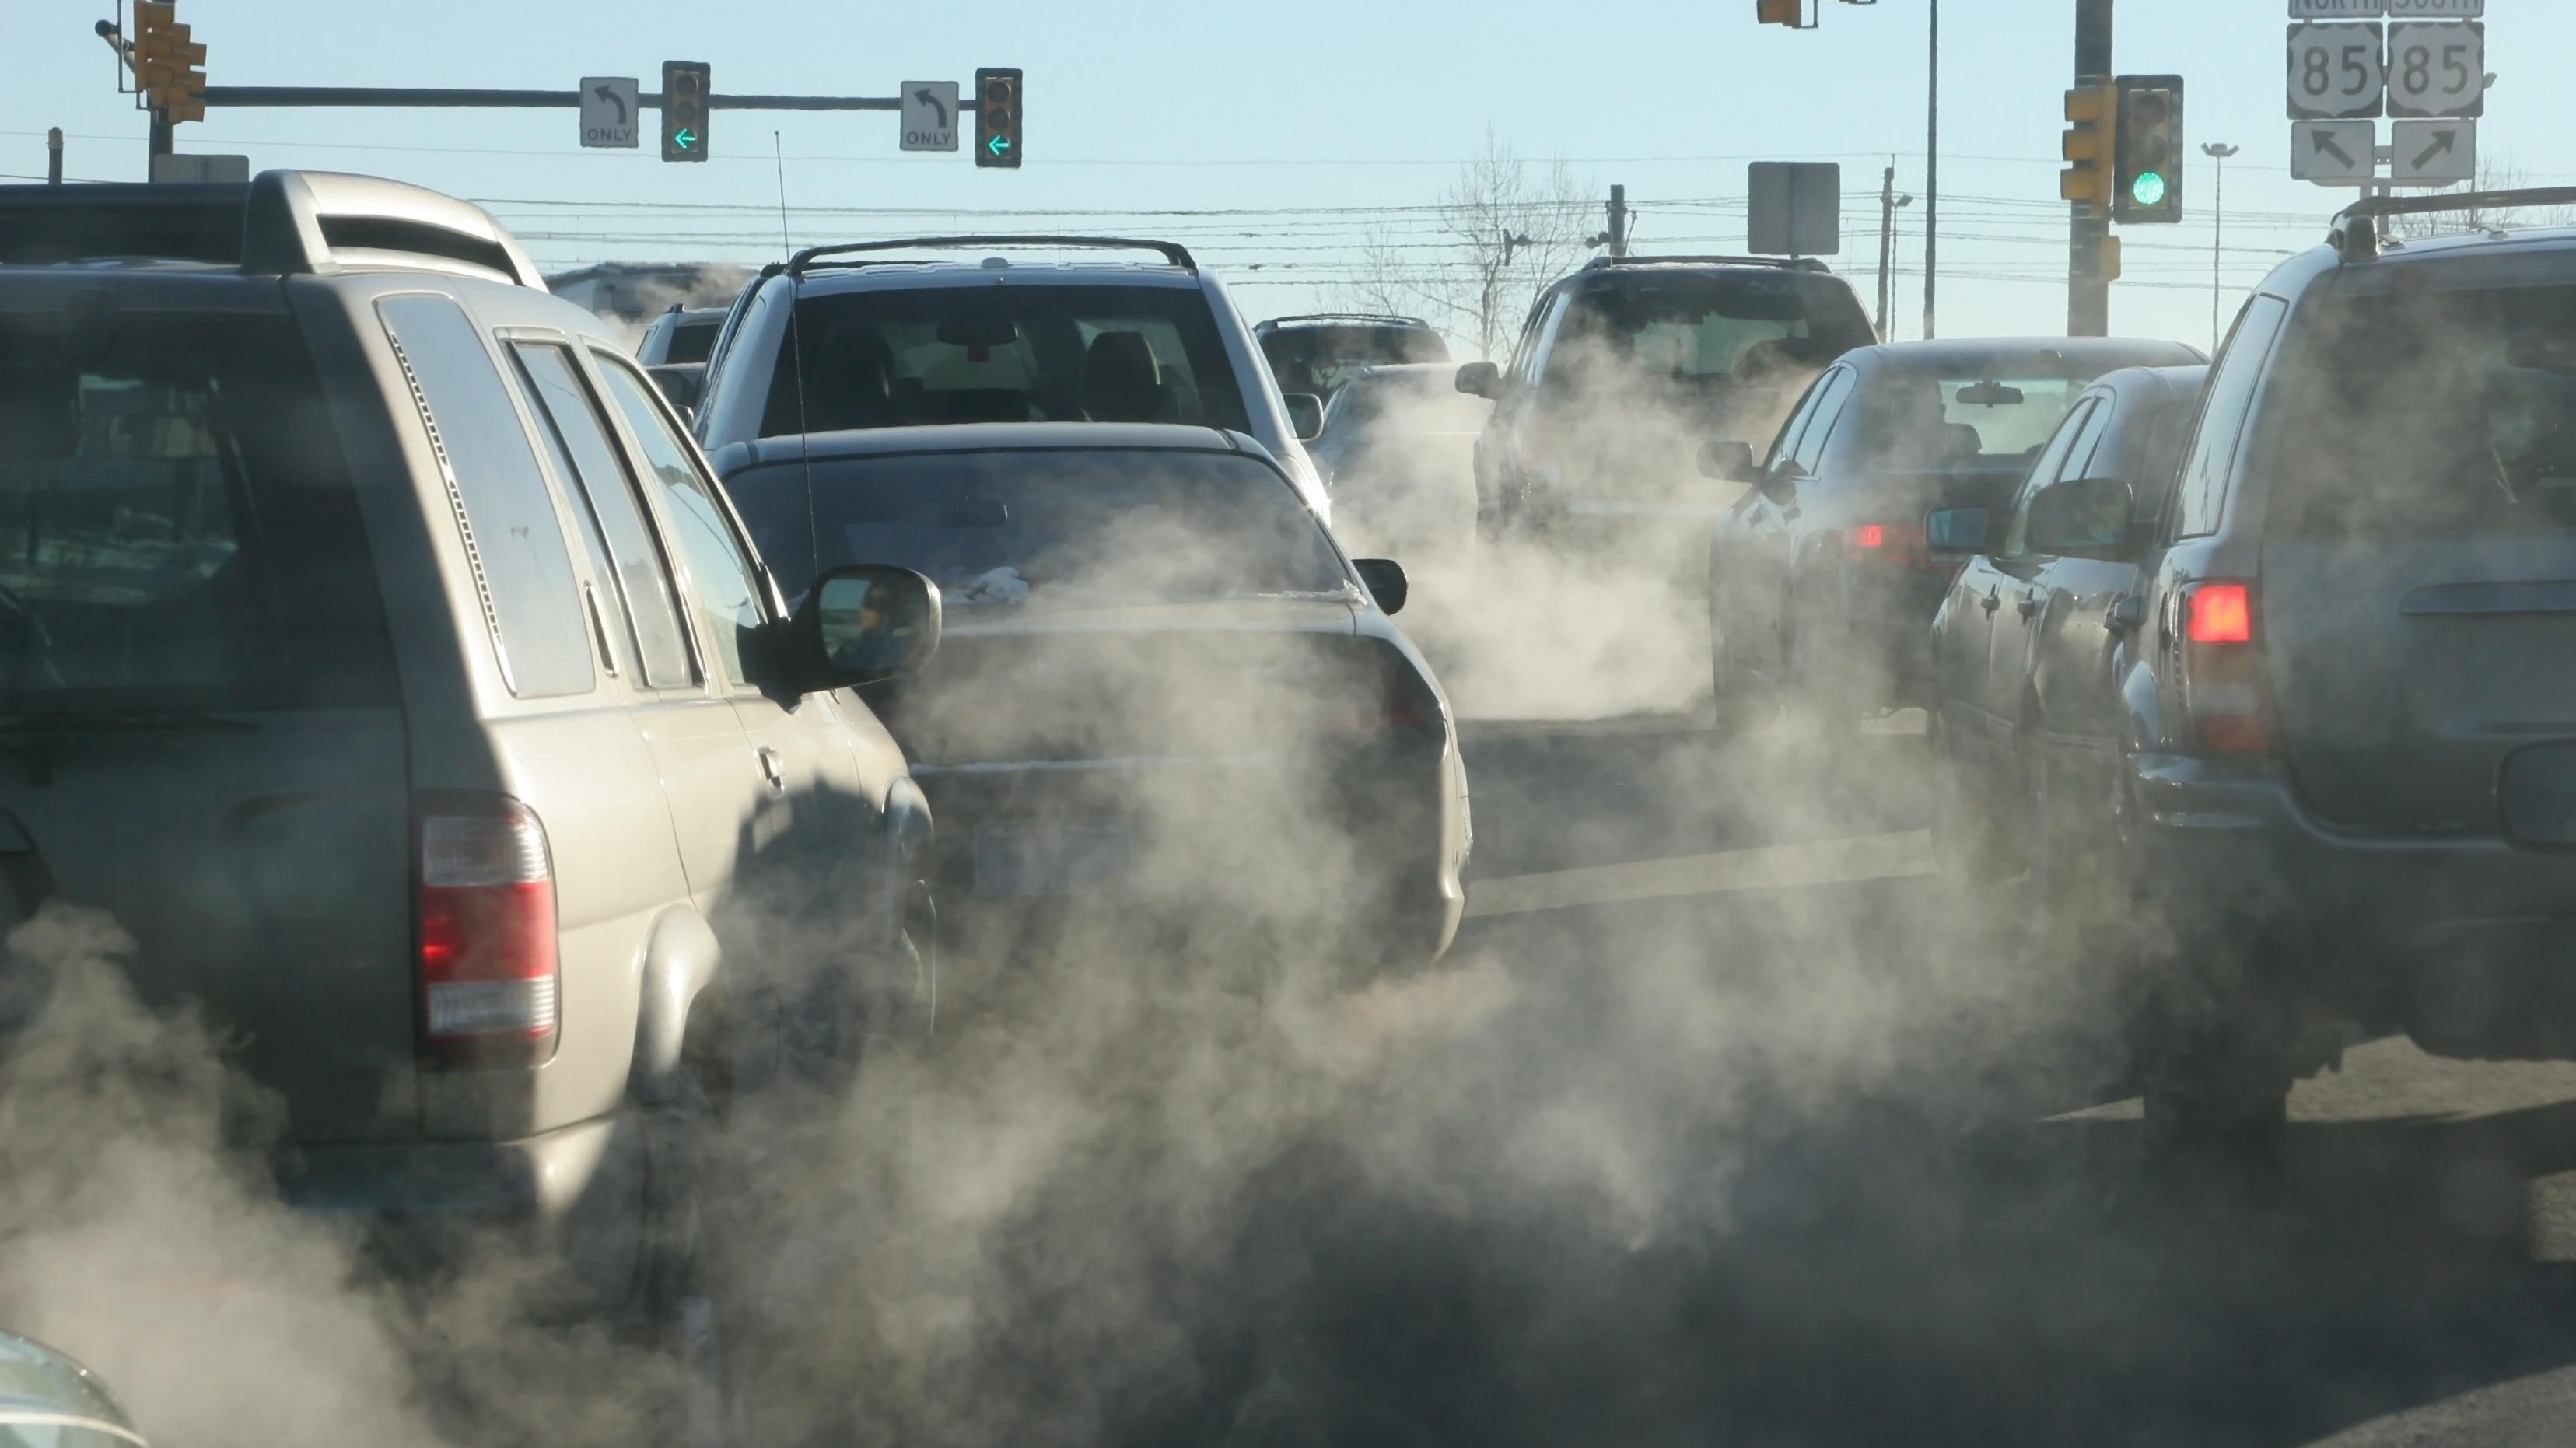 Estas partículas de contaminación ponen en riesgo la salud, principalmente en adultos mayores, incrementando en 43% su mortalidad.